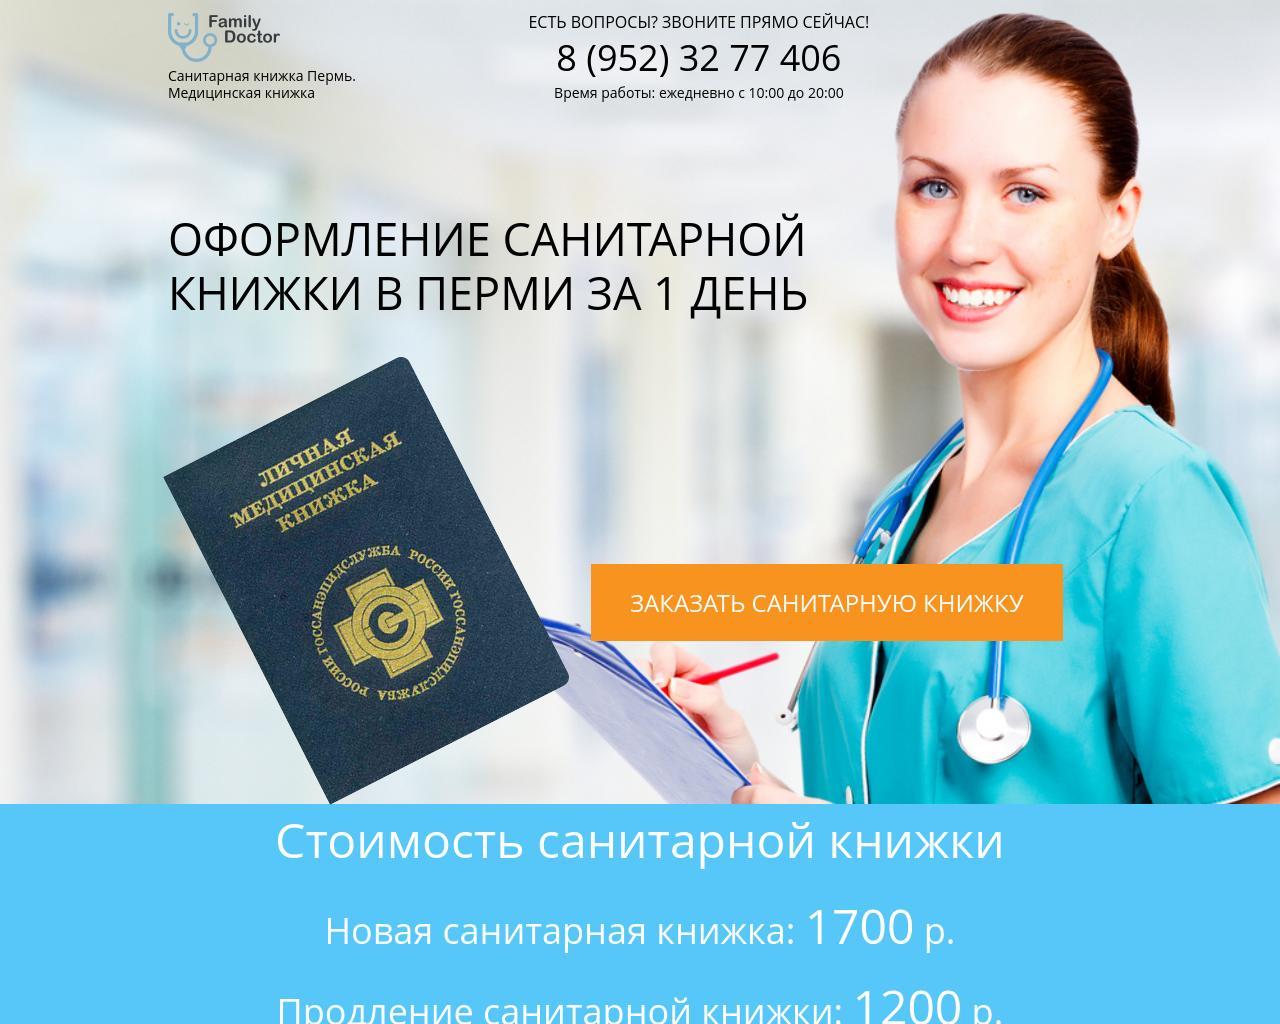 Каких врачей нужно пройти для санитарной книжки? - Народный СоветникЪ 89